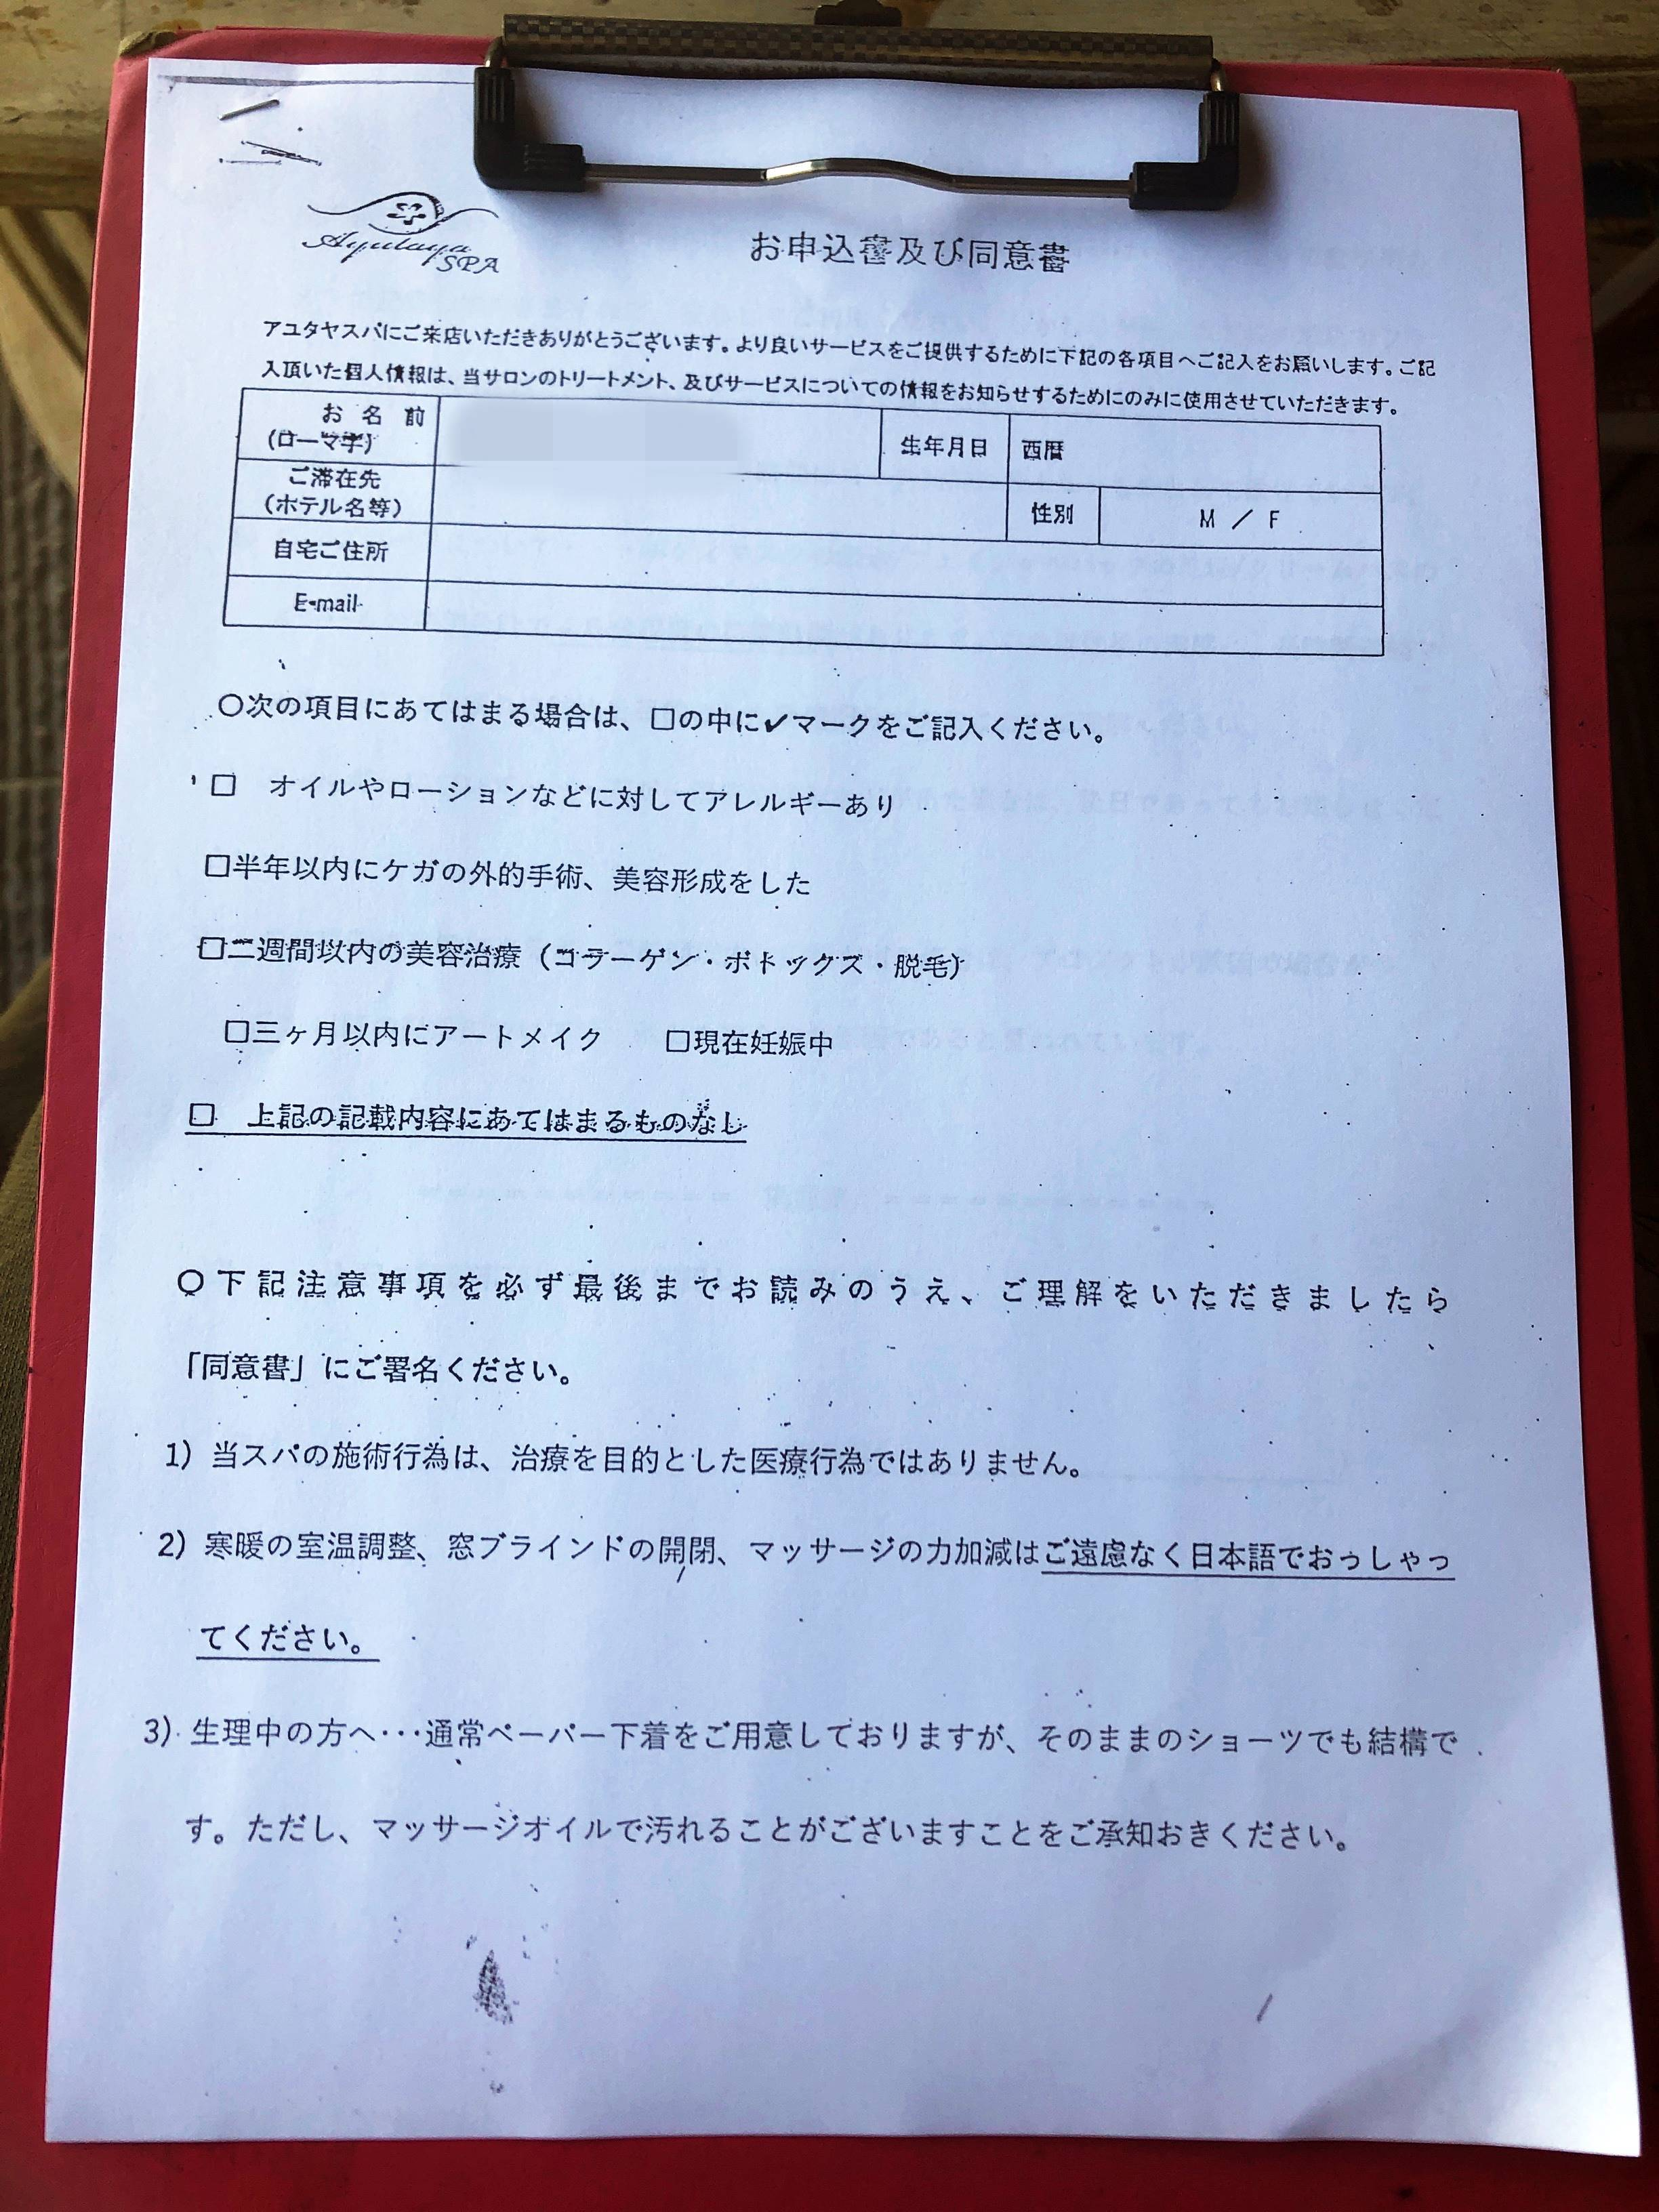 counseling sheet